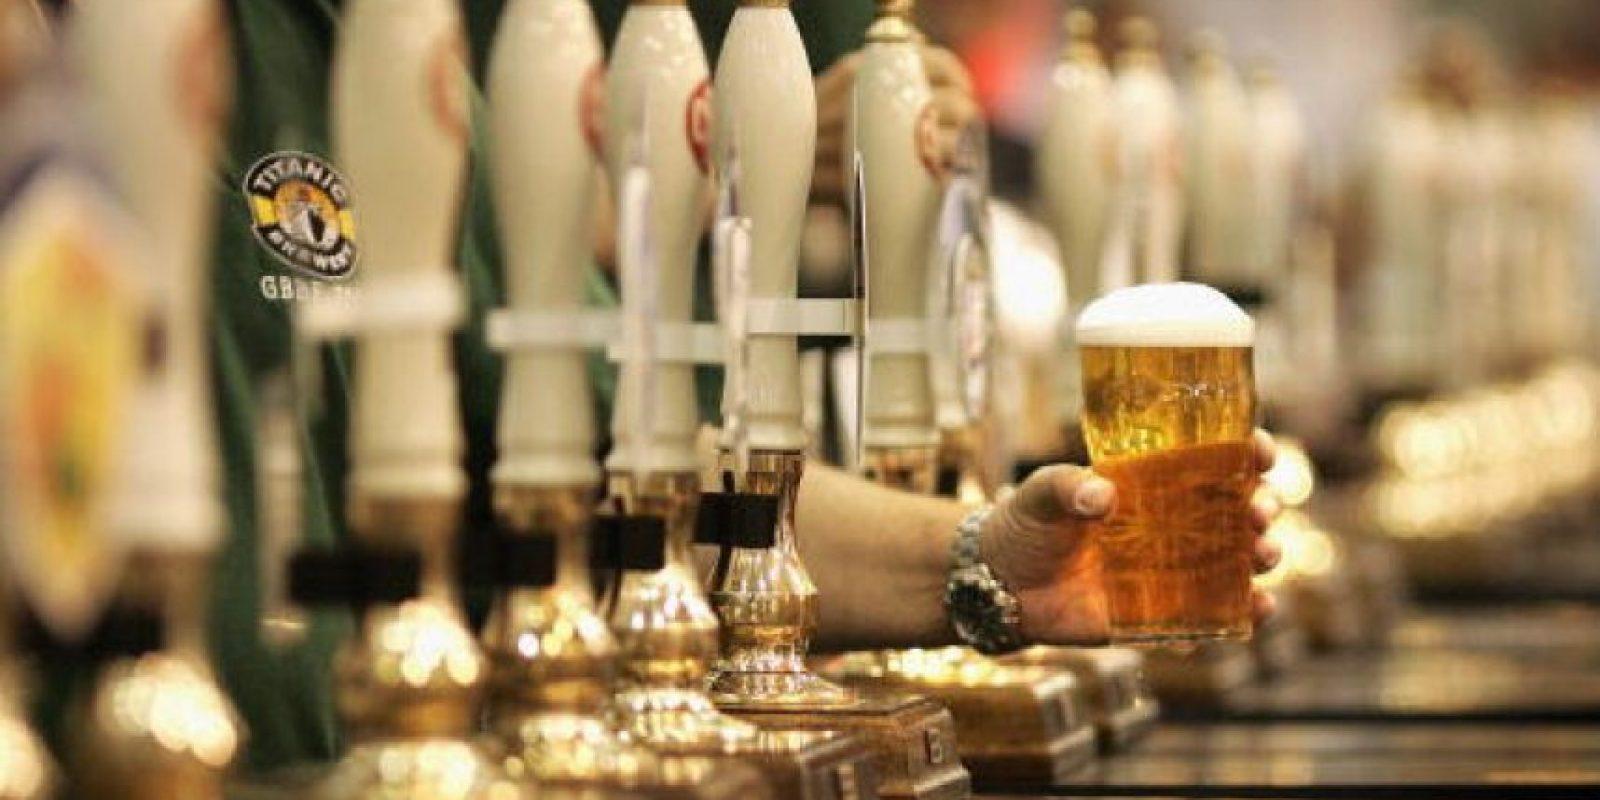 El uso nocivo de alcohol es un factor causal en más de 200 enfermedades y trastornos Foto:Getty Images